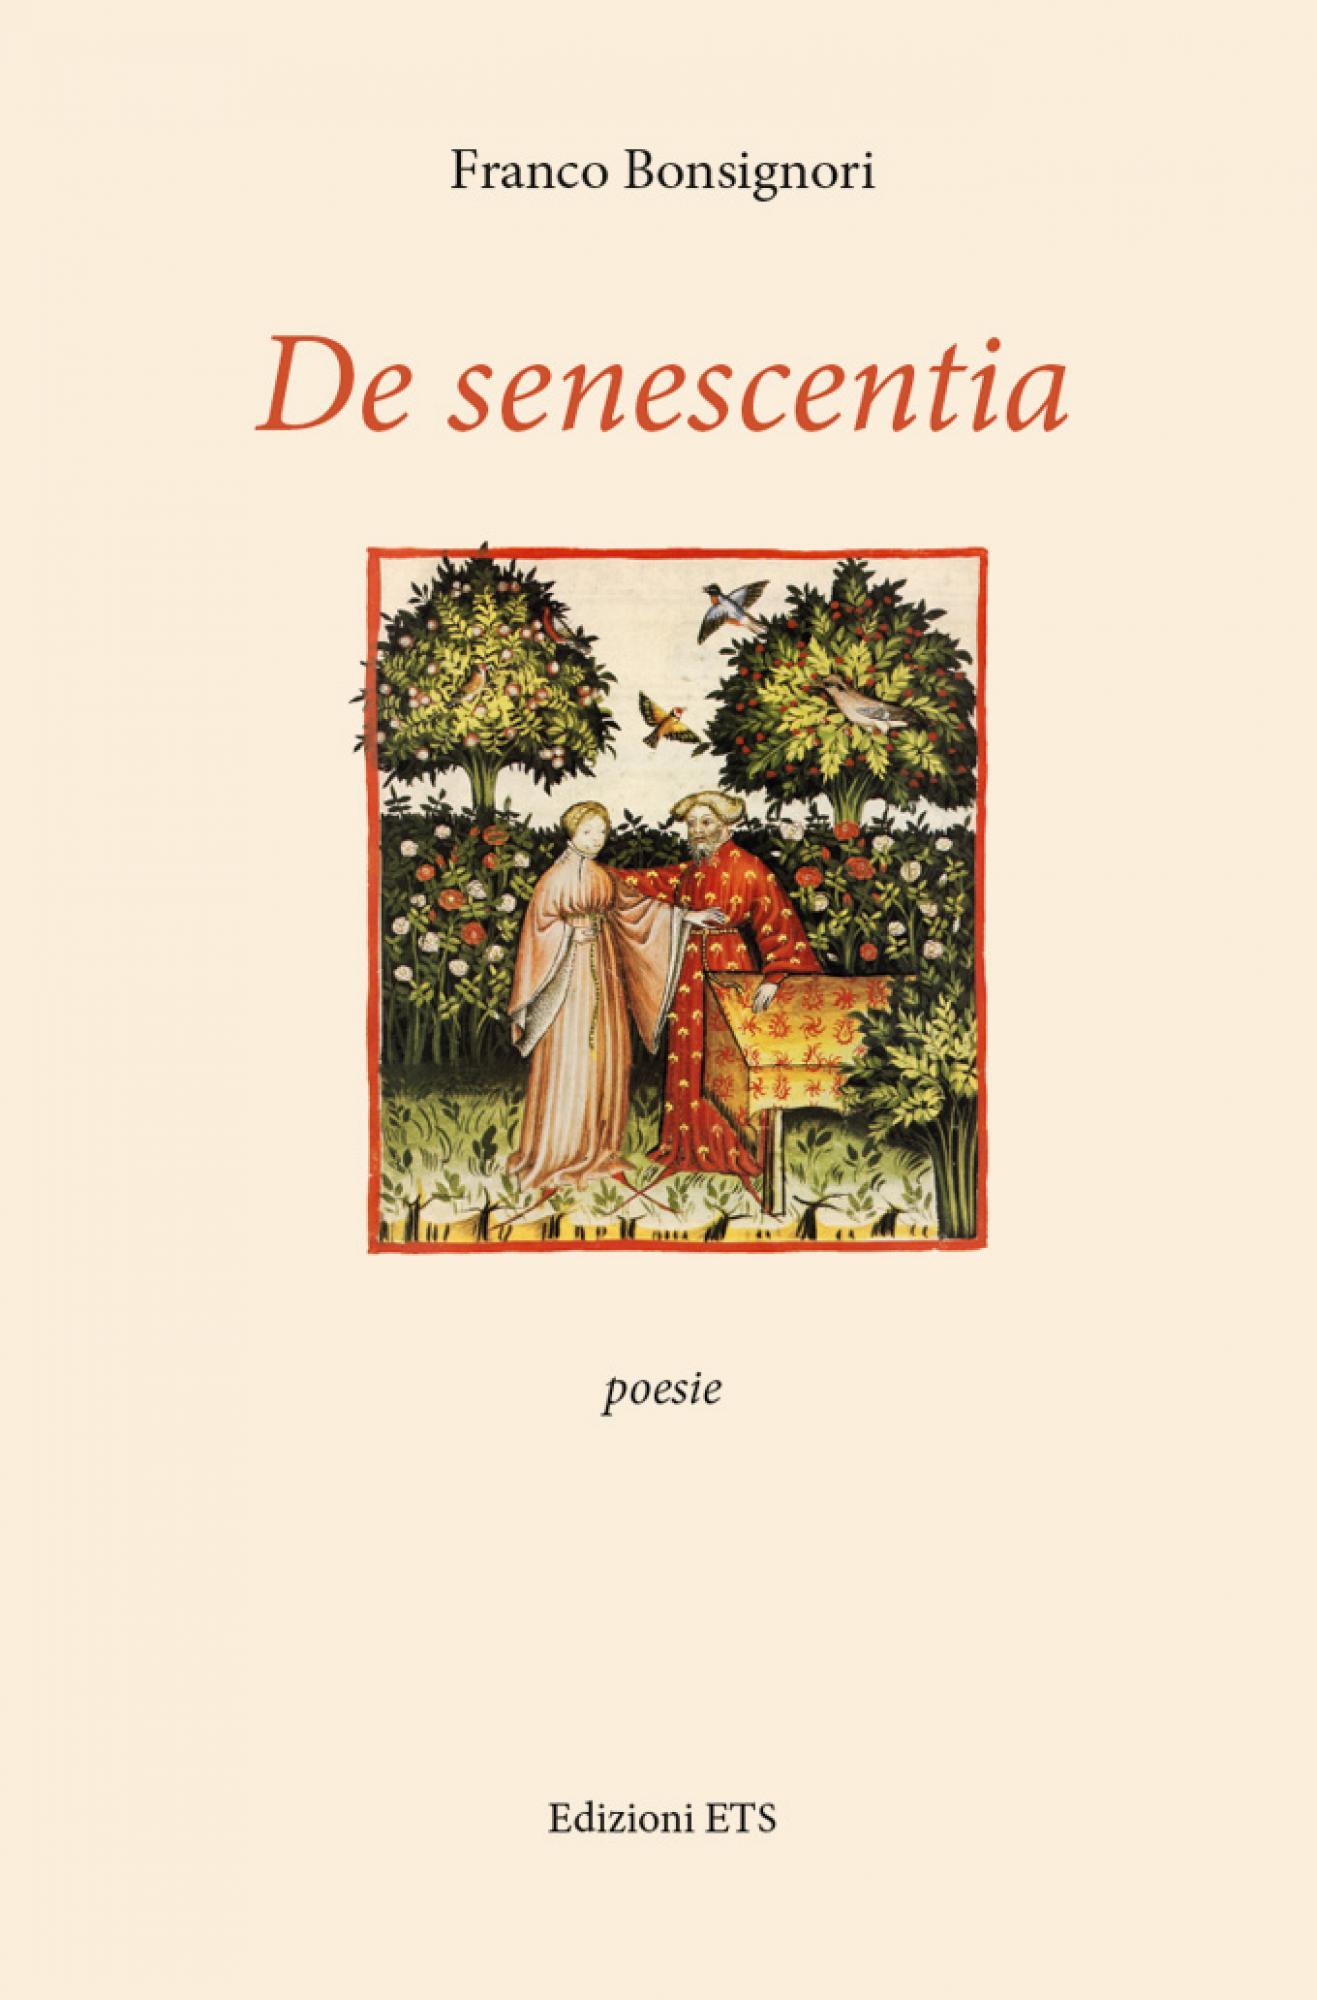 De senescentia